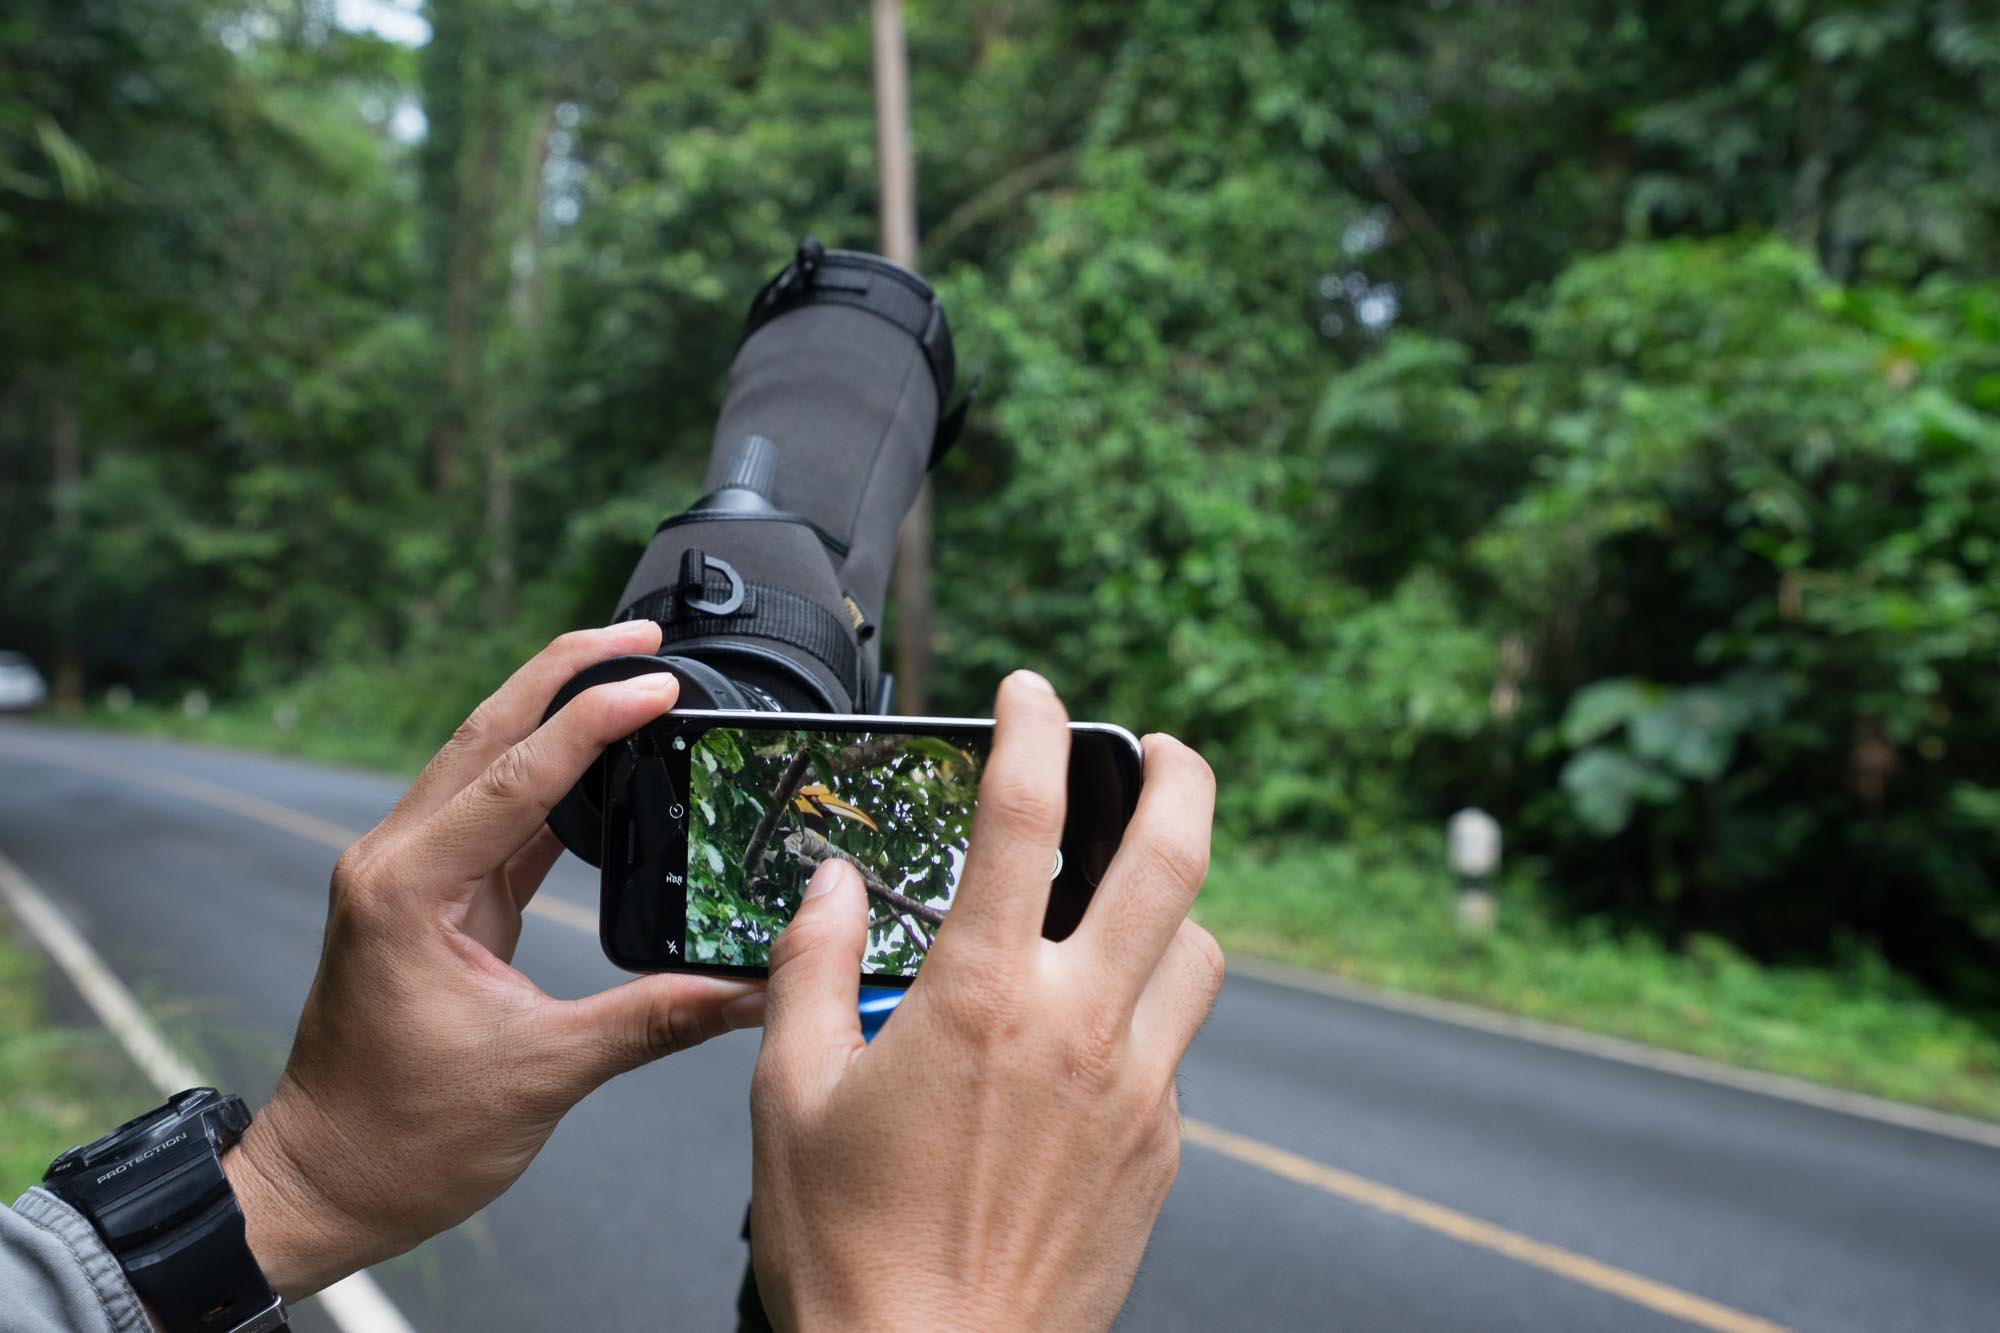 Iphone + Telescope = Telephoto Lens